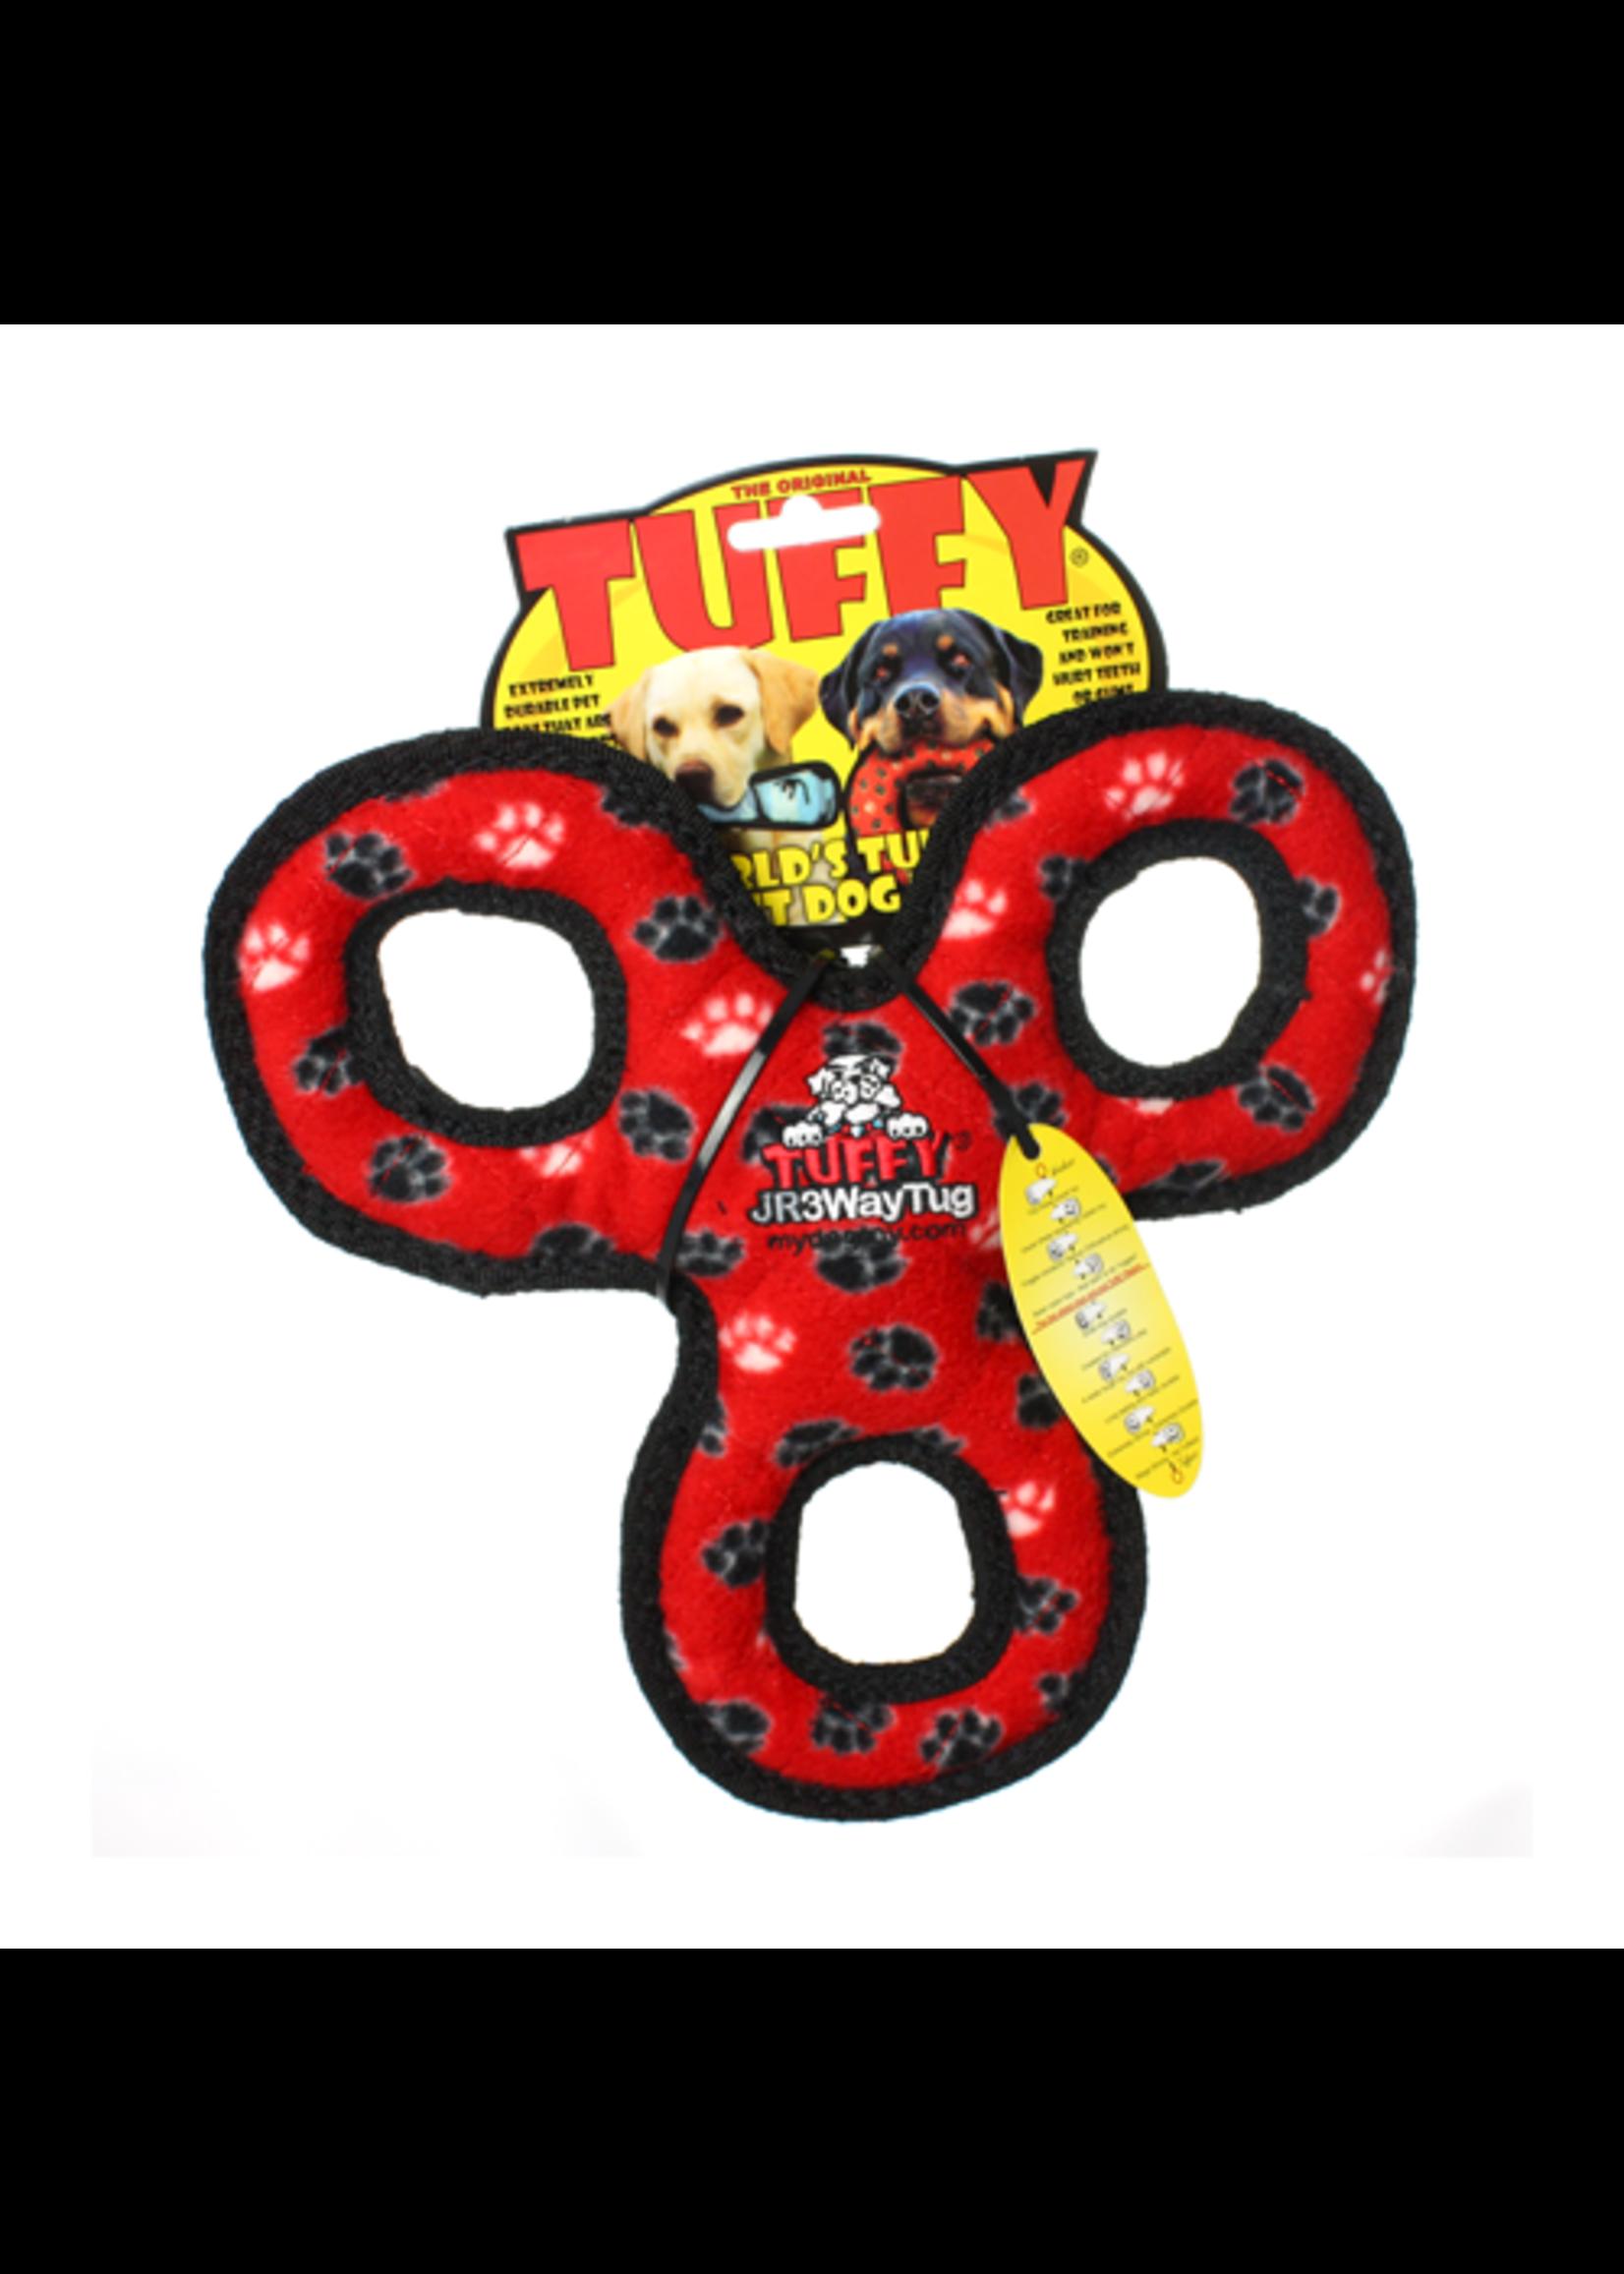 VIP Tuffy Jr 3 Way Tug Red Paw